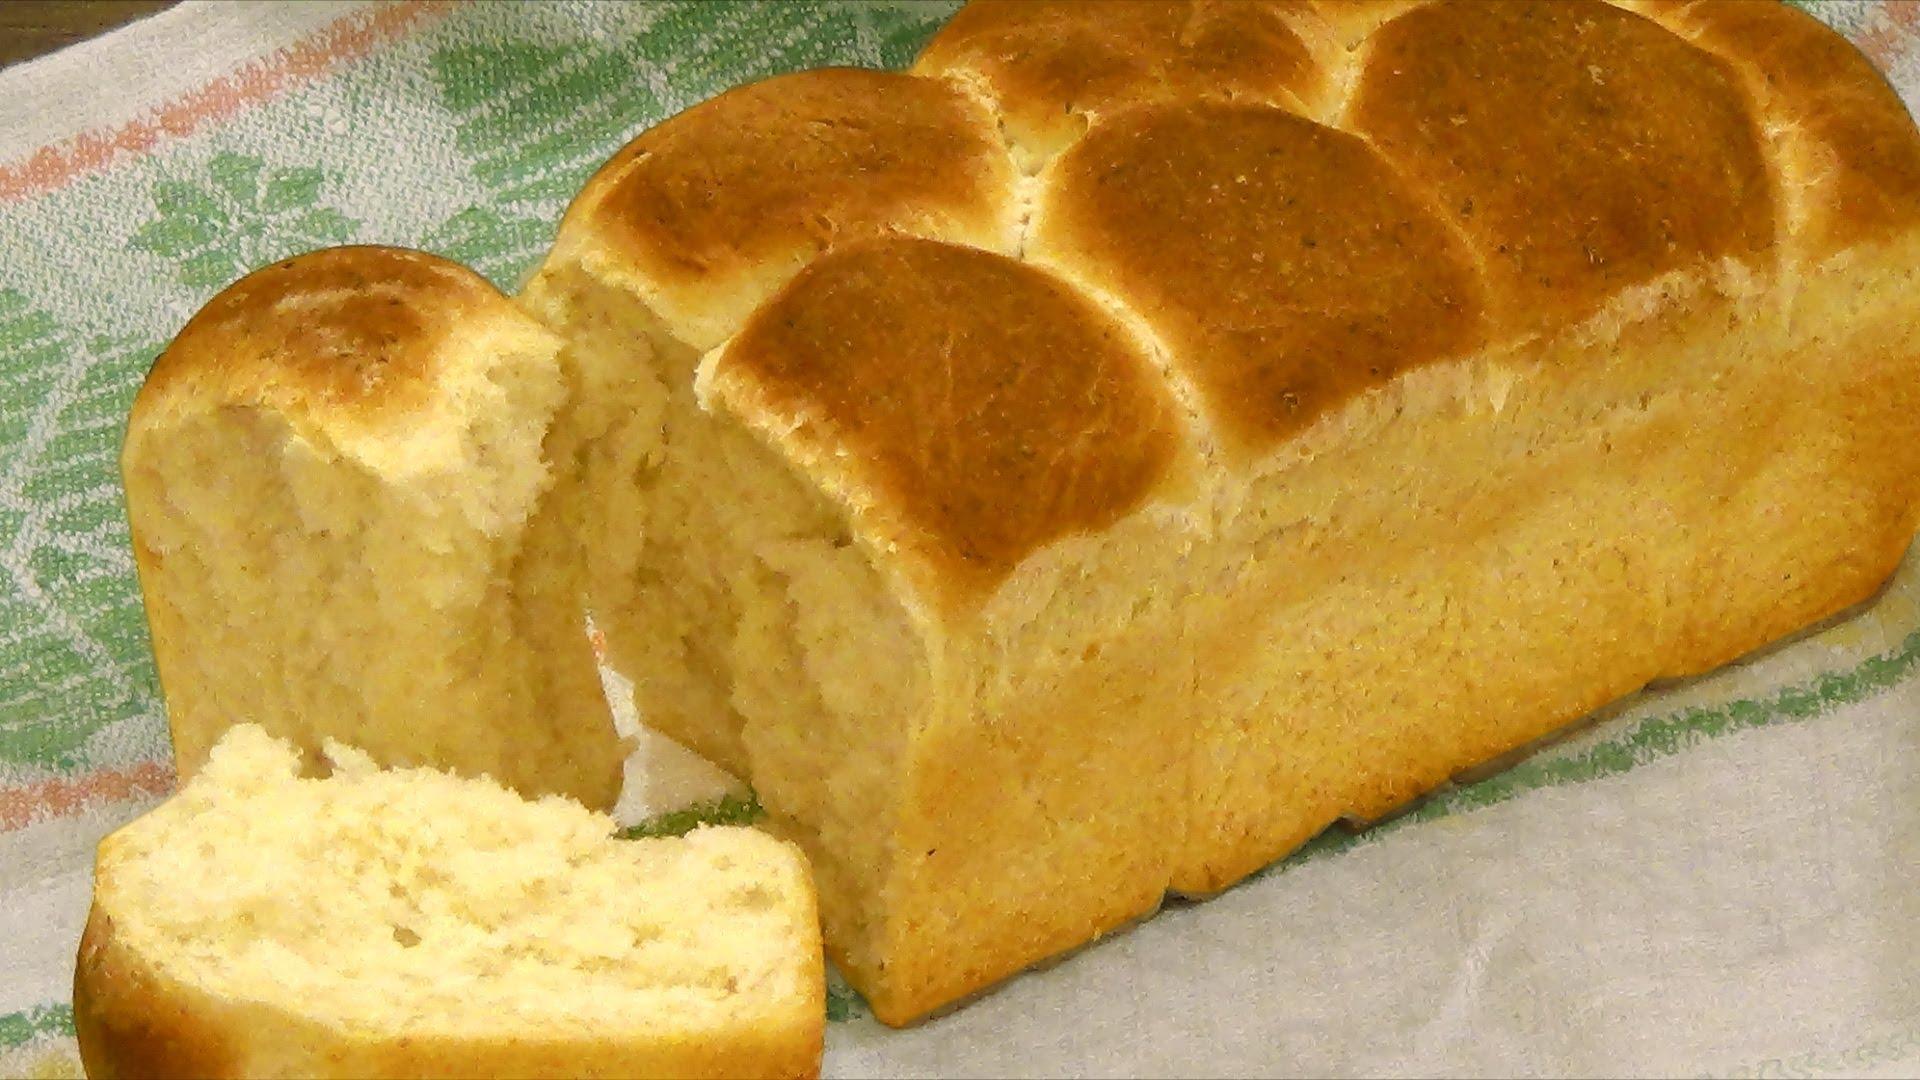 Хлебопечь_критерии выбора для гурманов - картофельный хлеб